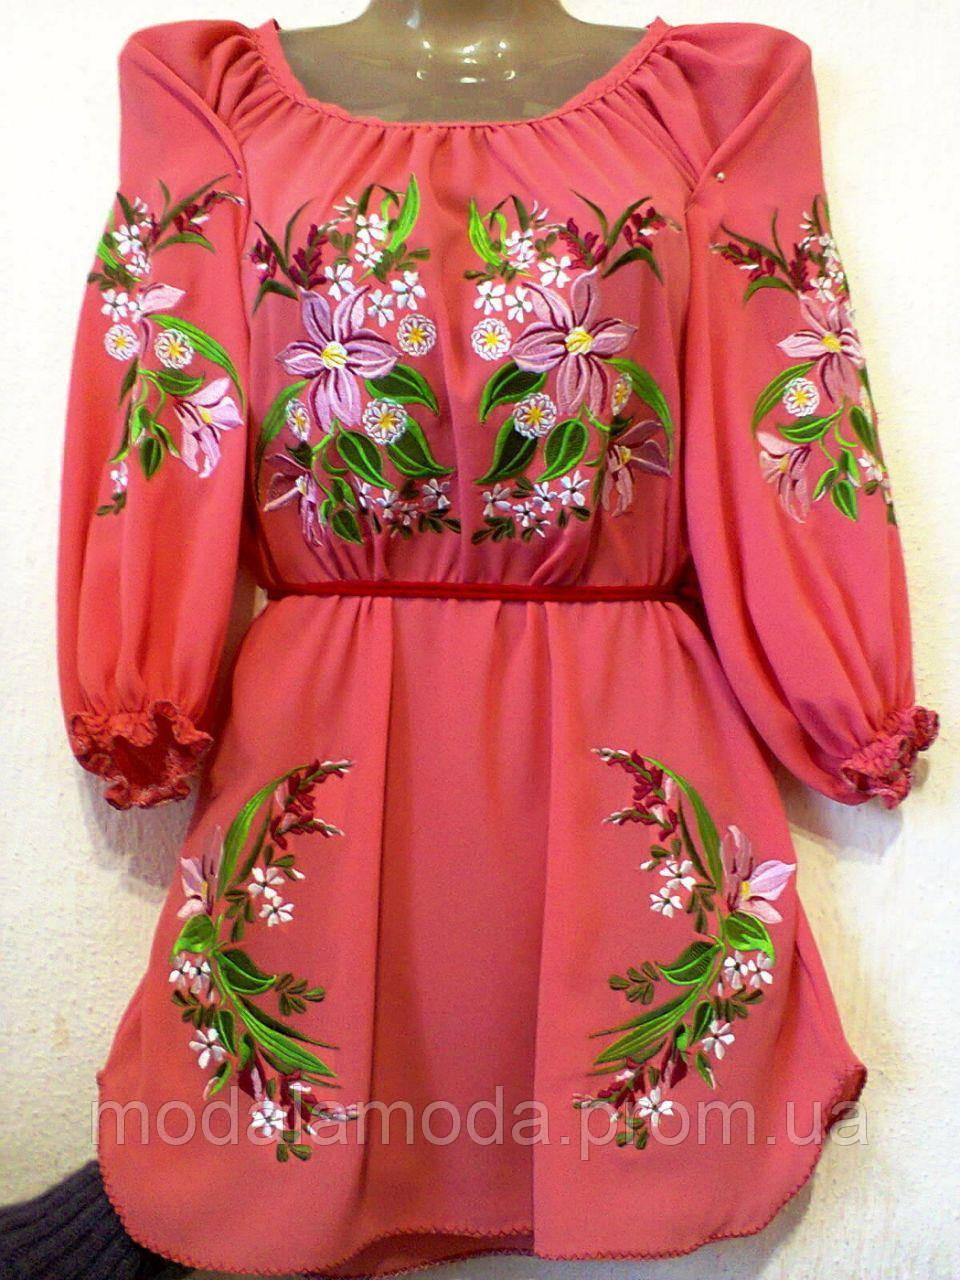 Вышиванка женская розовая с красивыми цветами под заказ